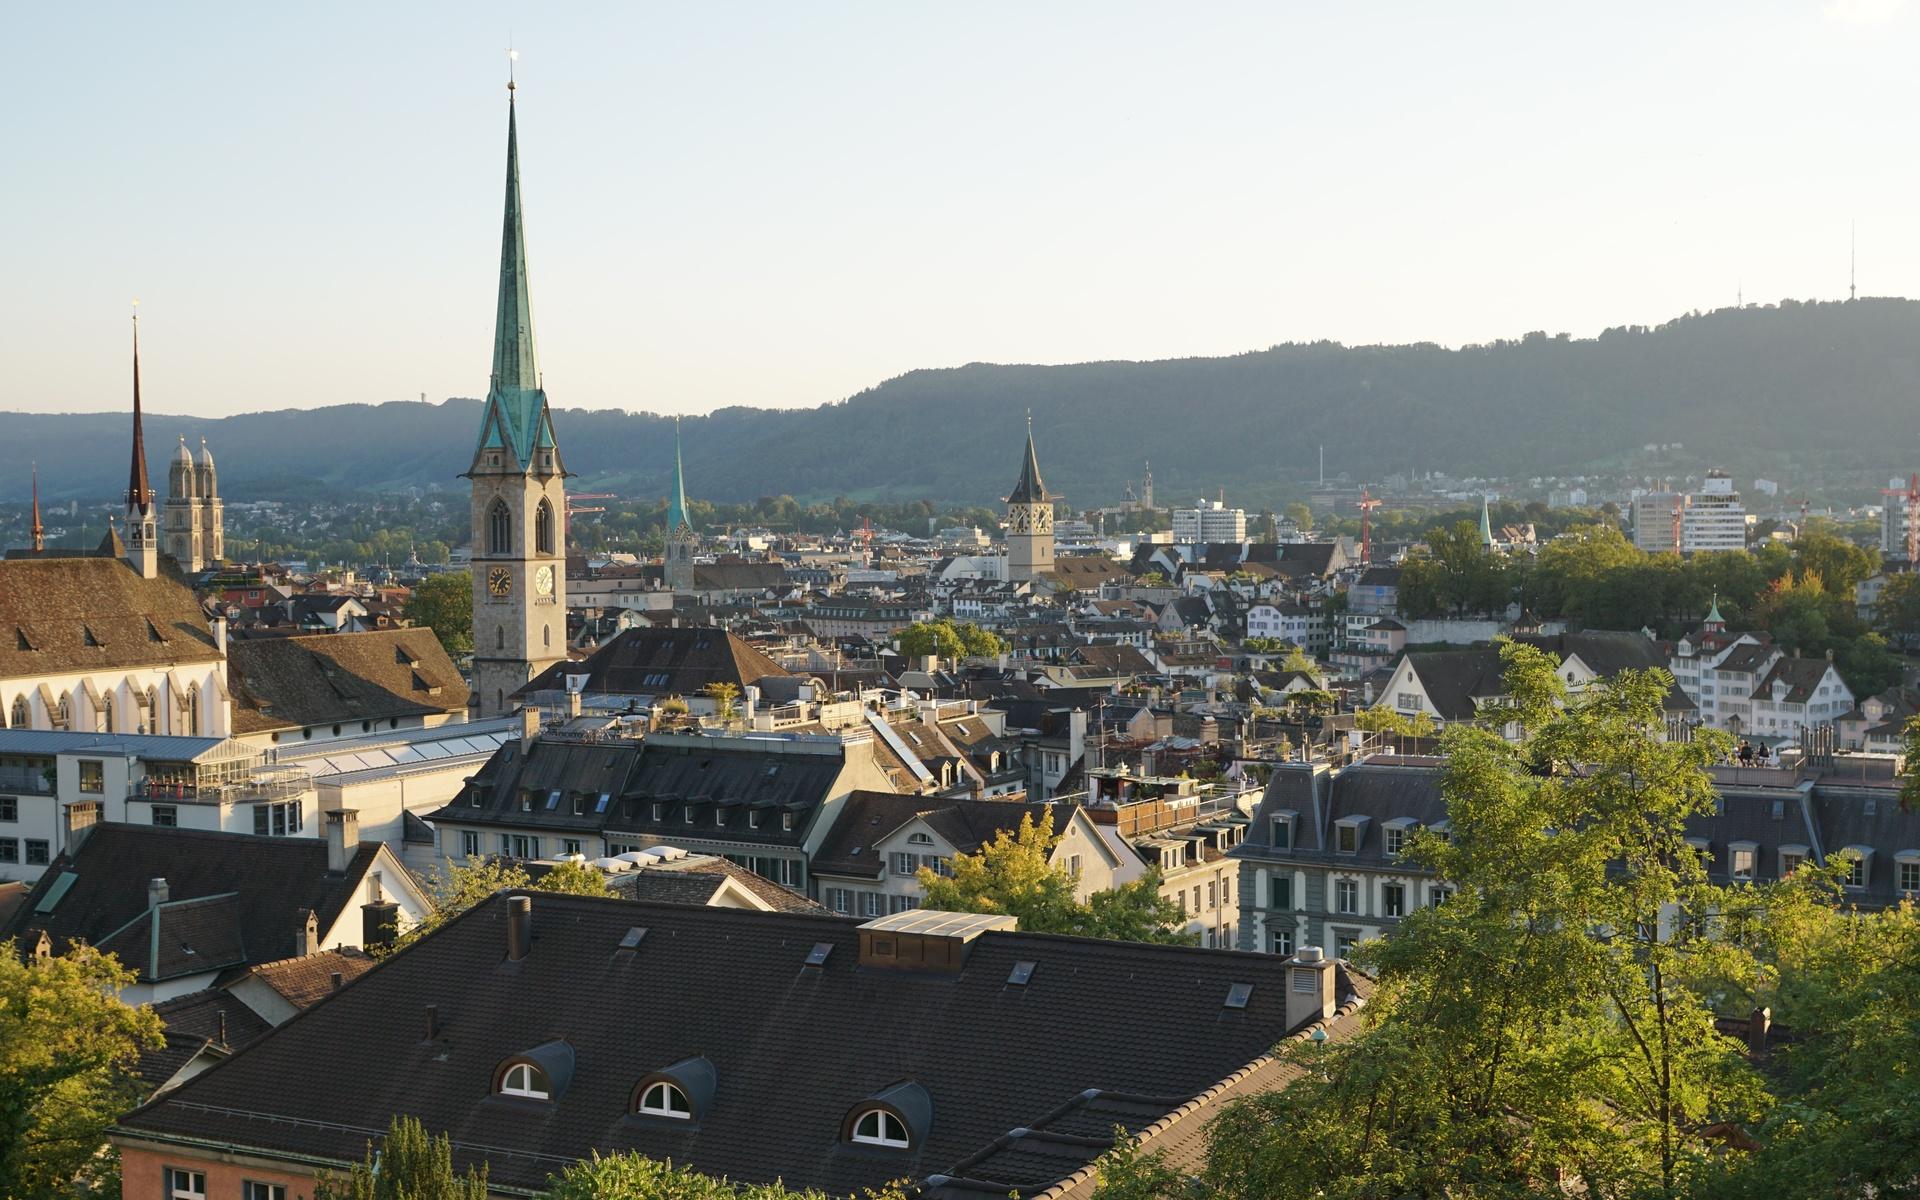 цюрих, швейцария, церковь, дома, крыша, башня, город